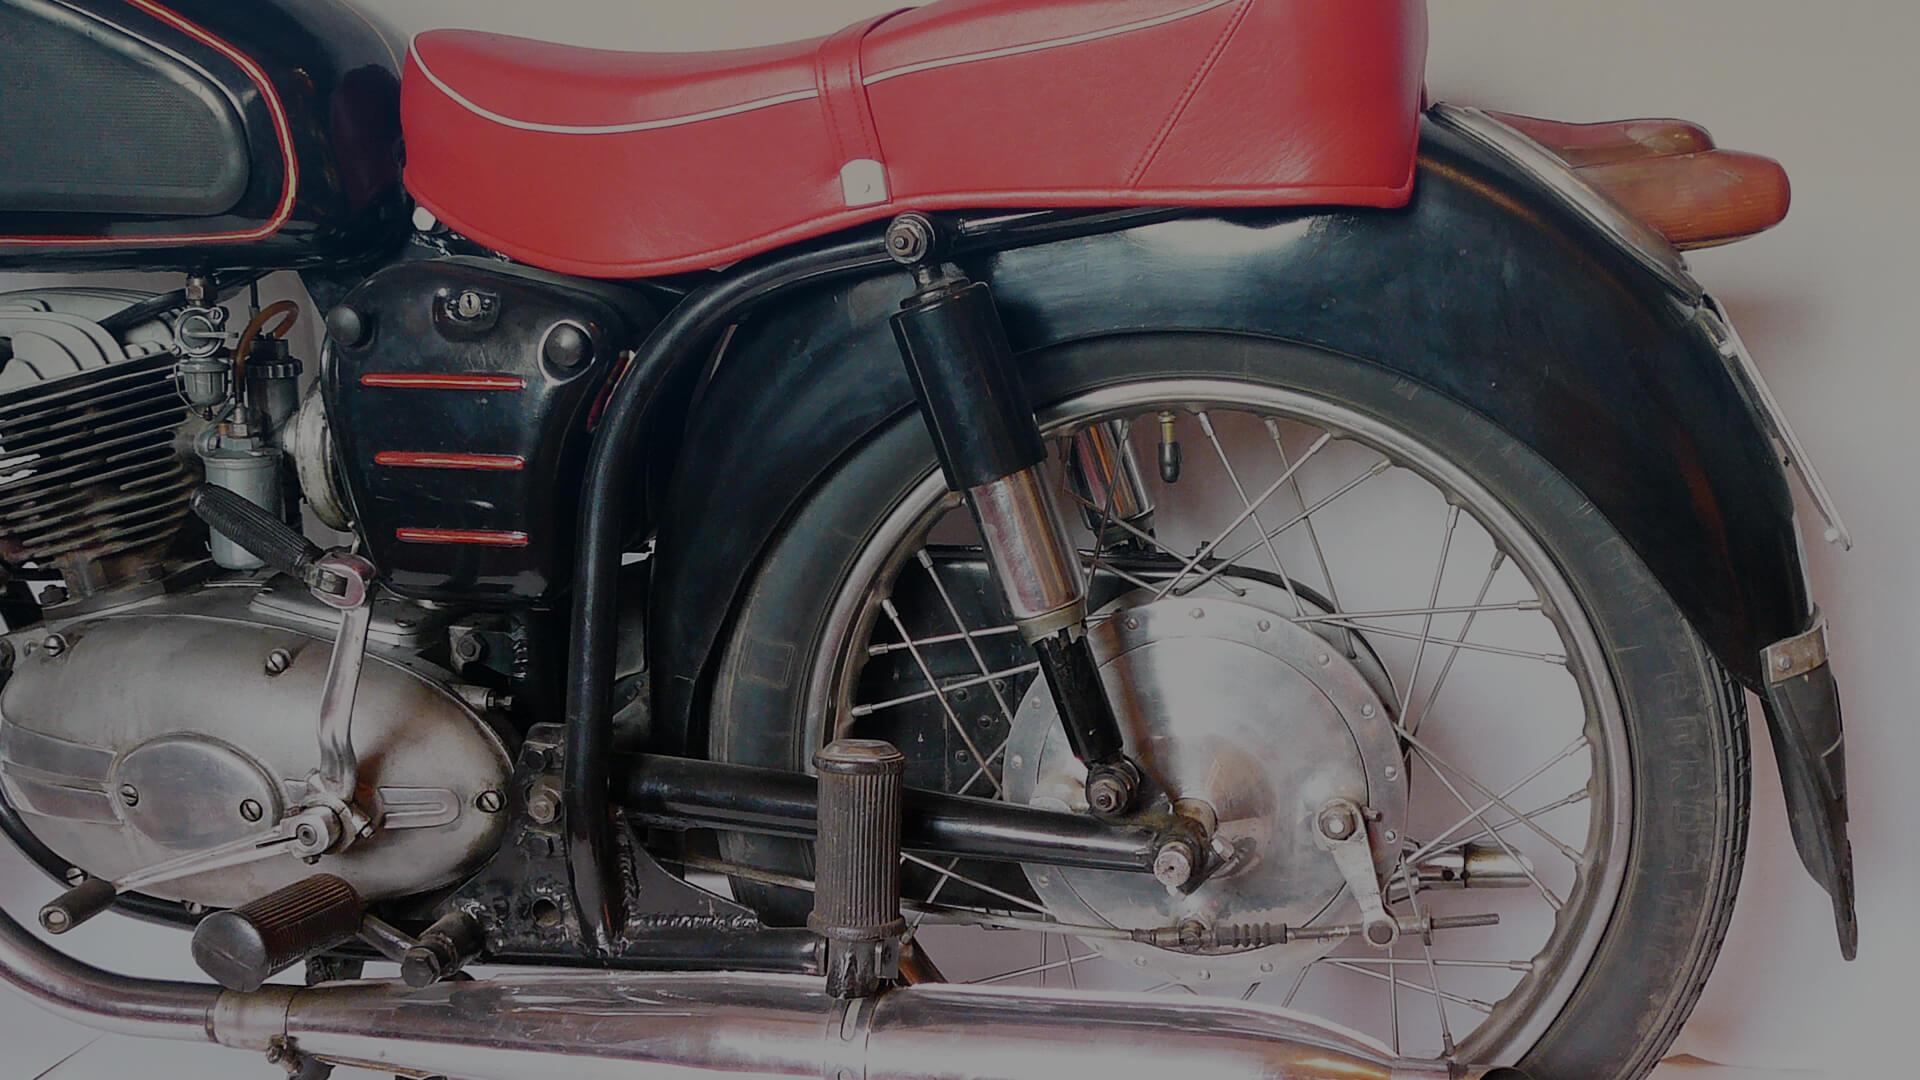 PANNONIA TL-250F, 247 cc, 1958